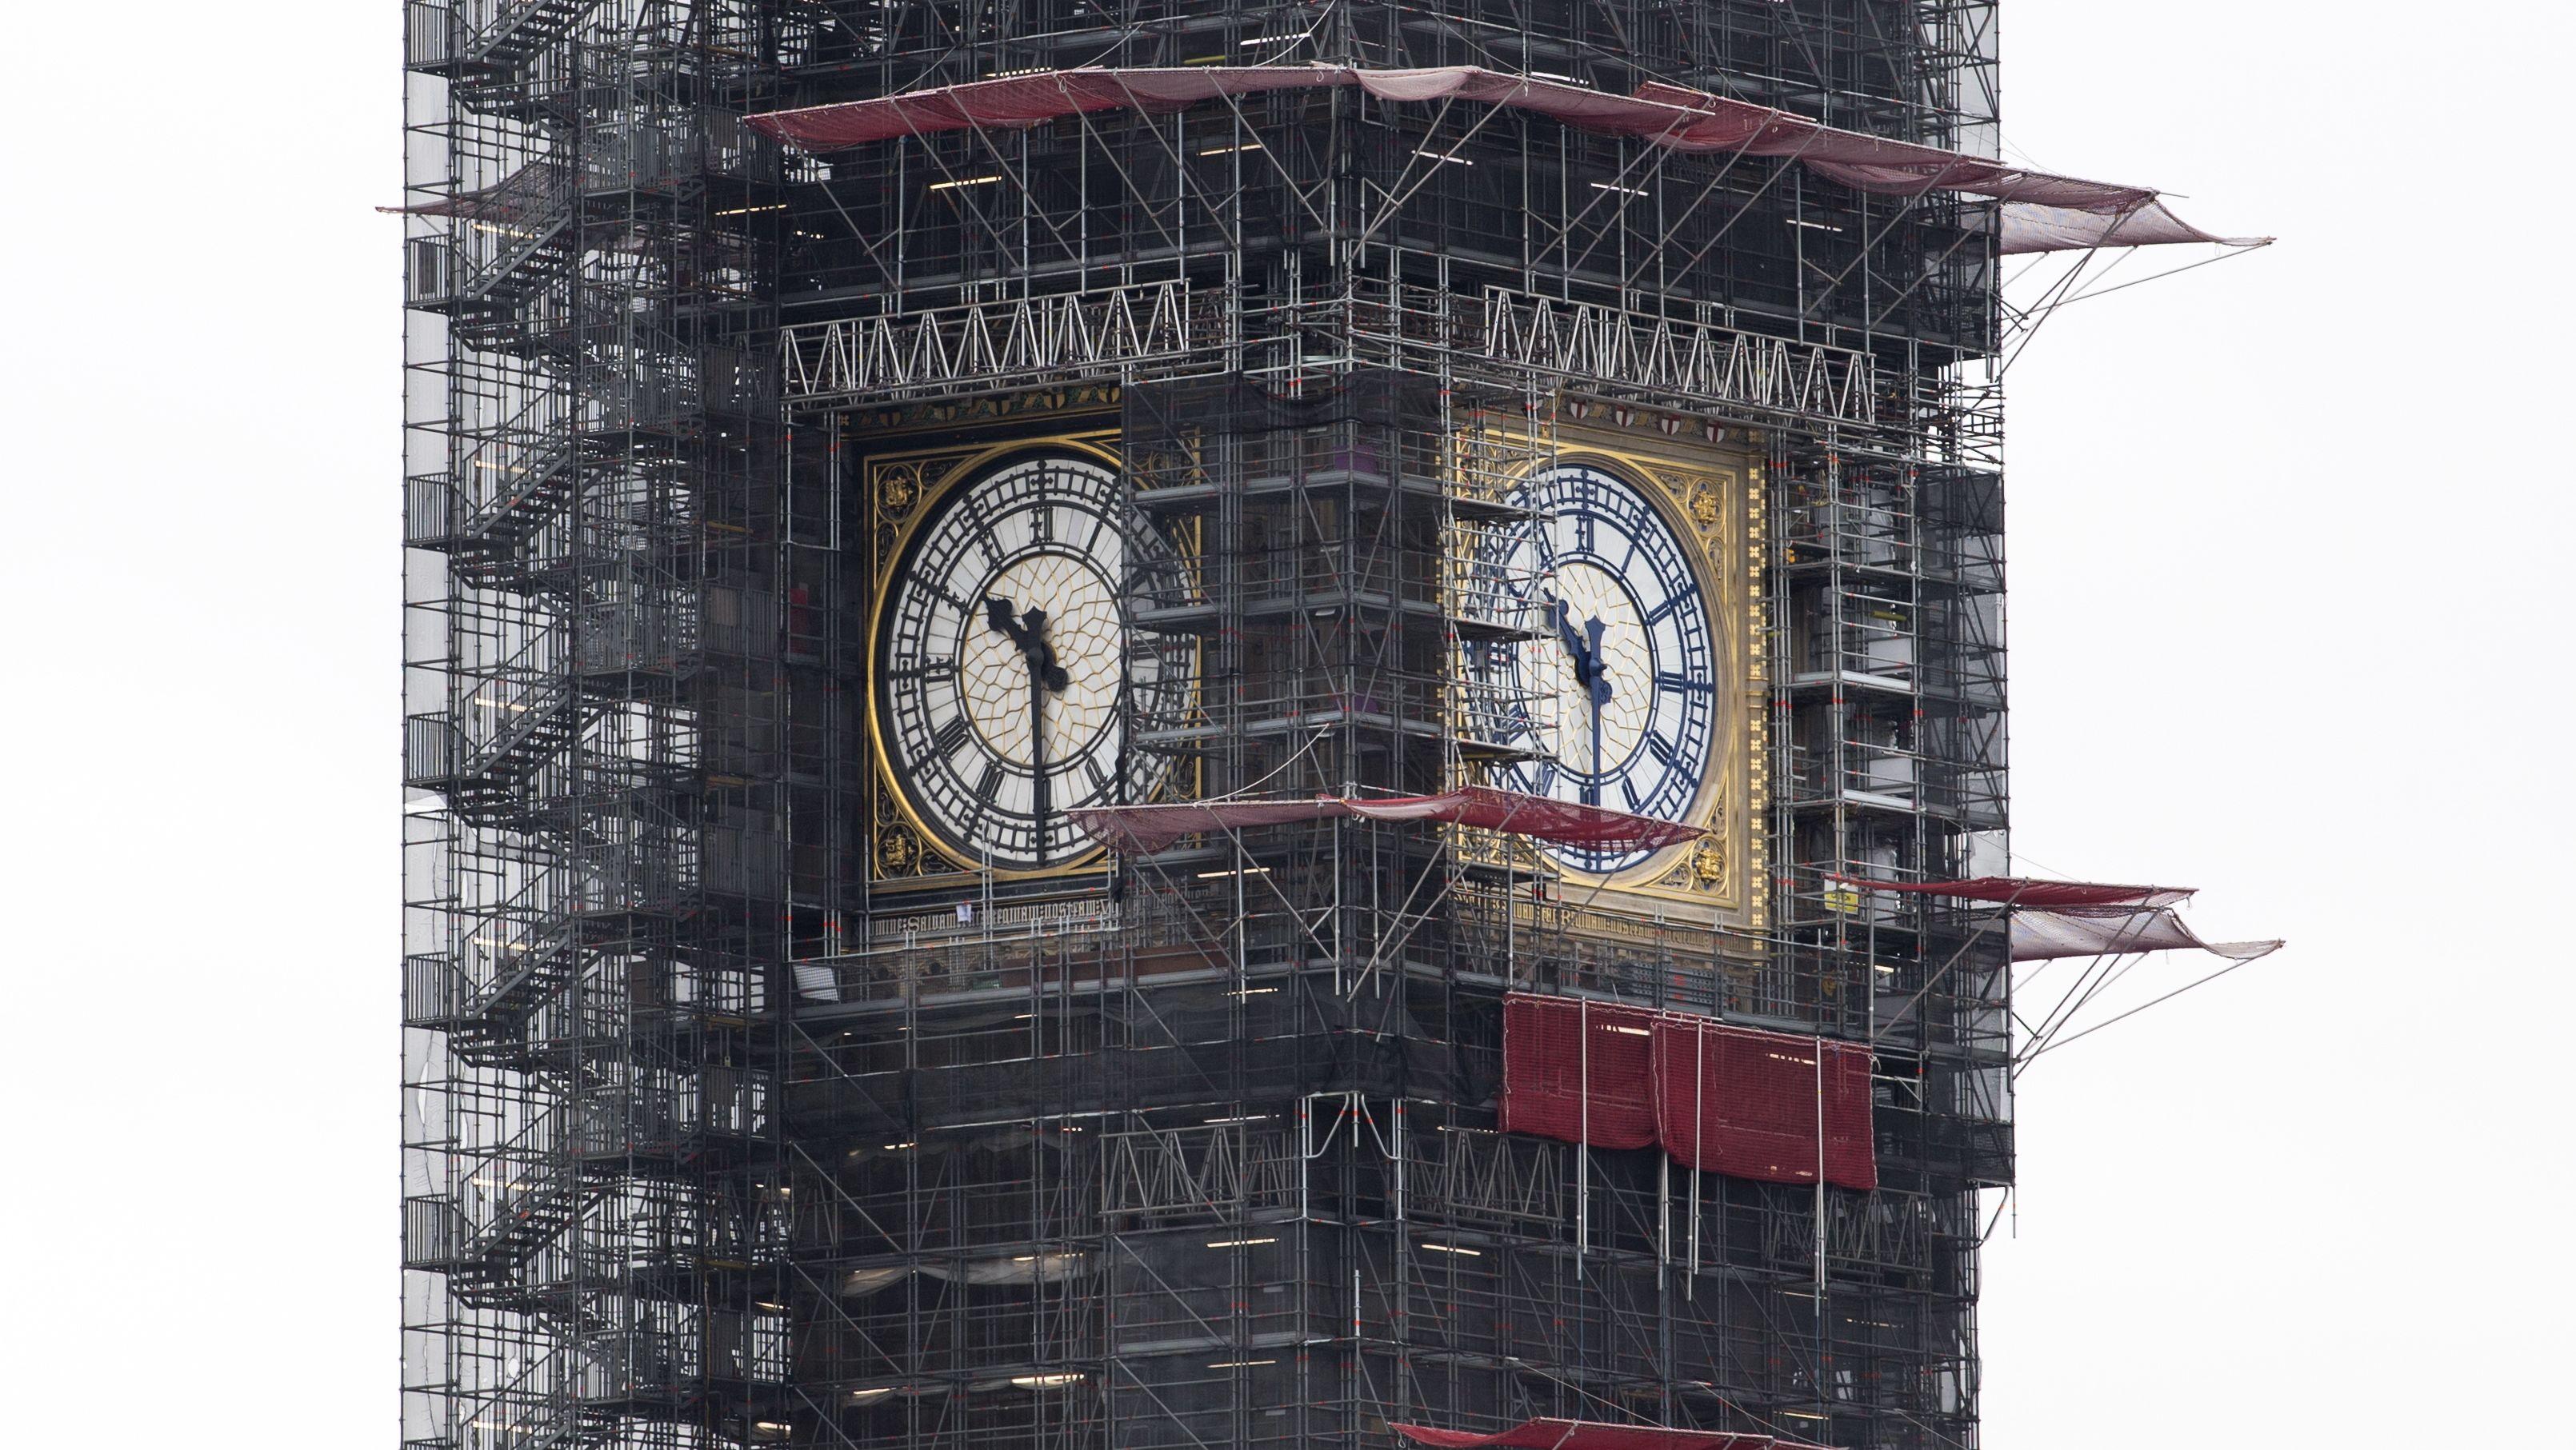 So sieht der Big Ben in London zur Zeit aus: das Bauwerk inklusive Turmuhr wird generalsaniert.